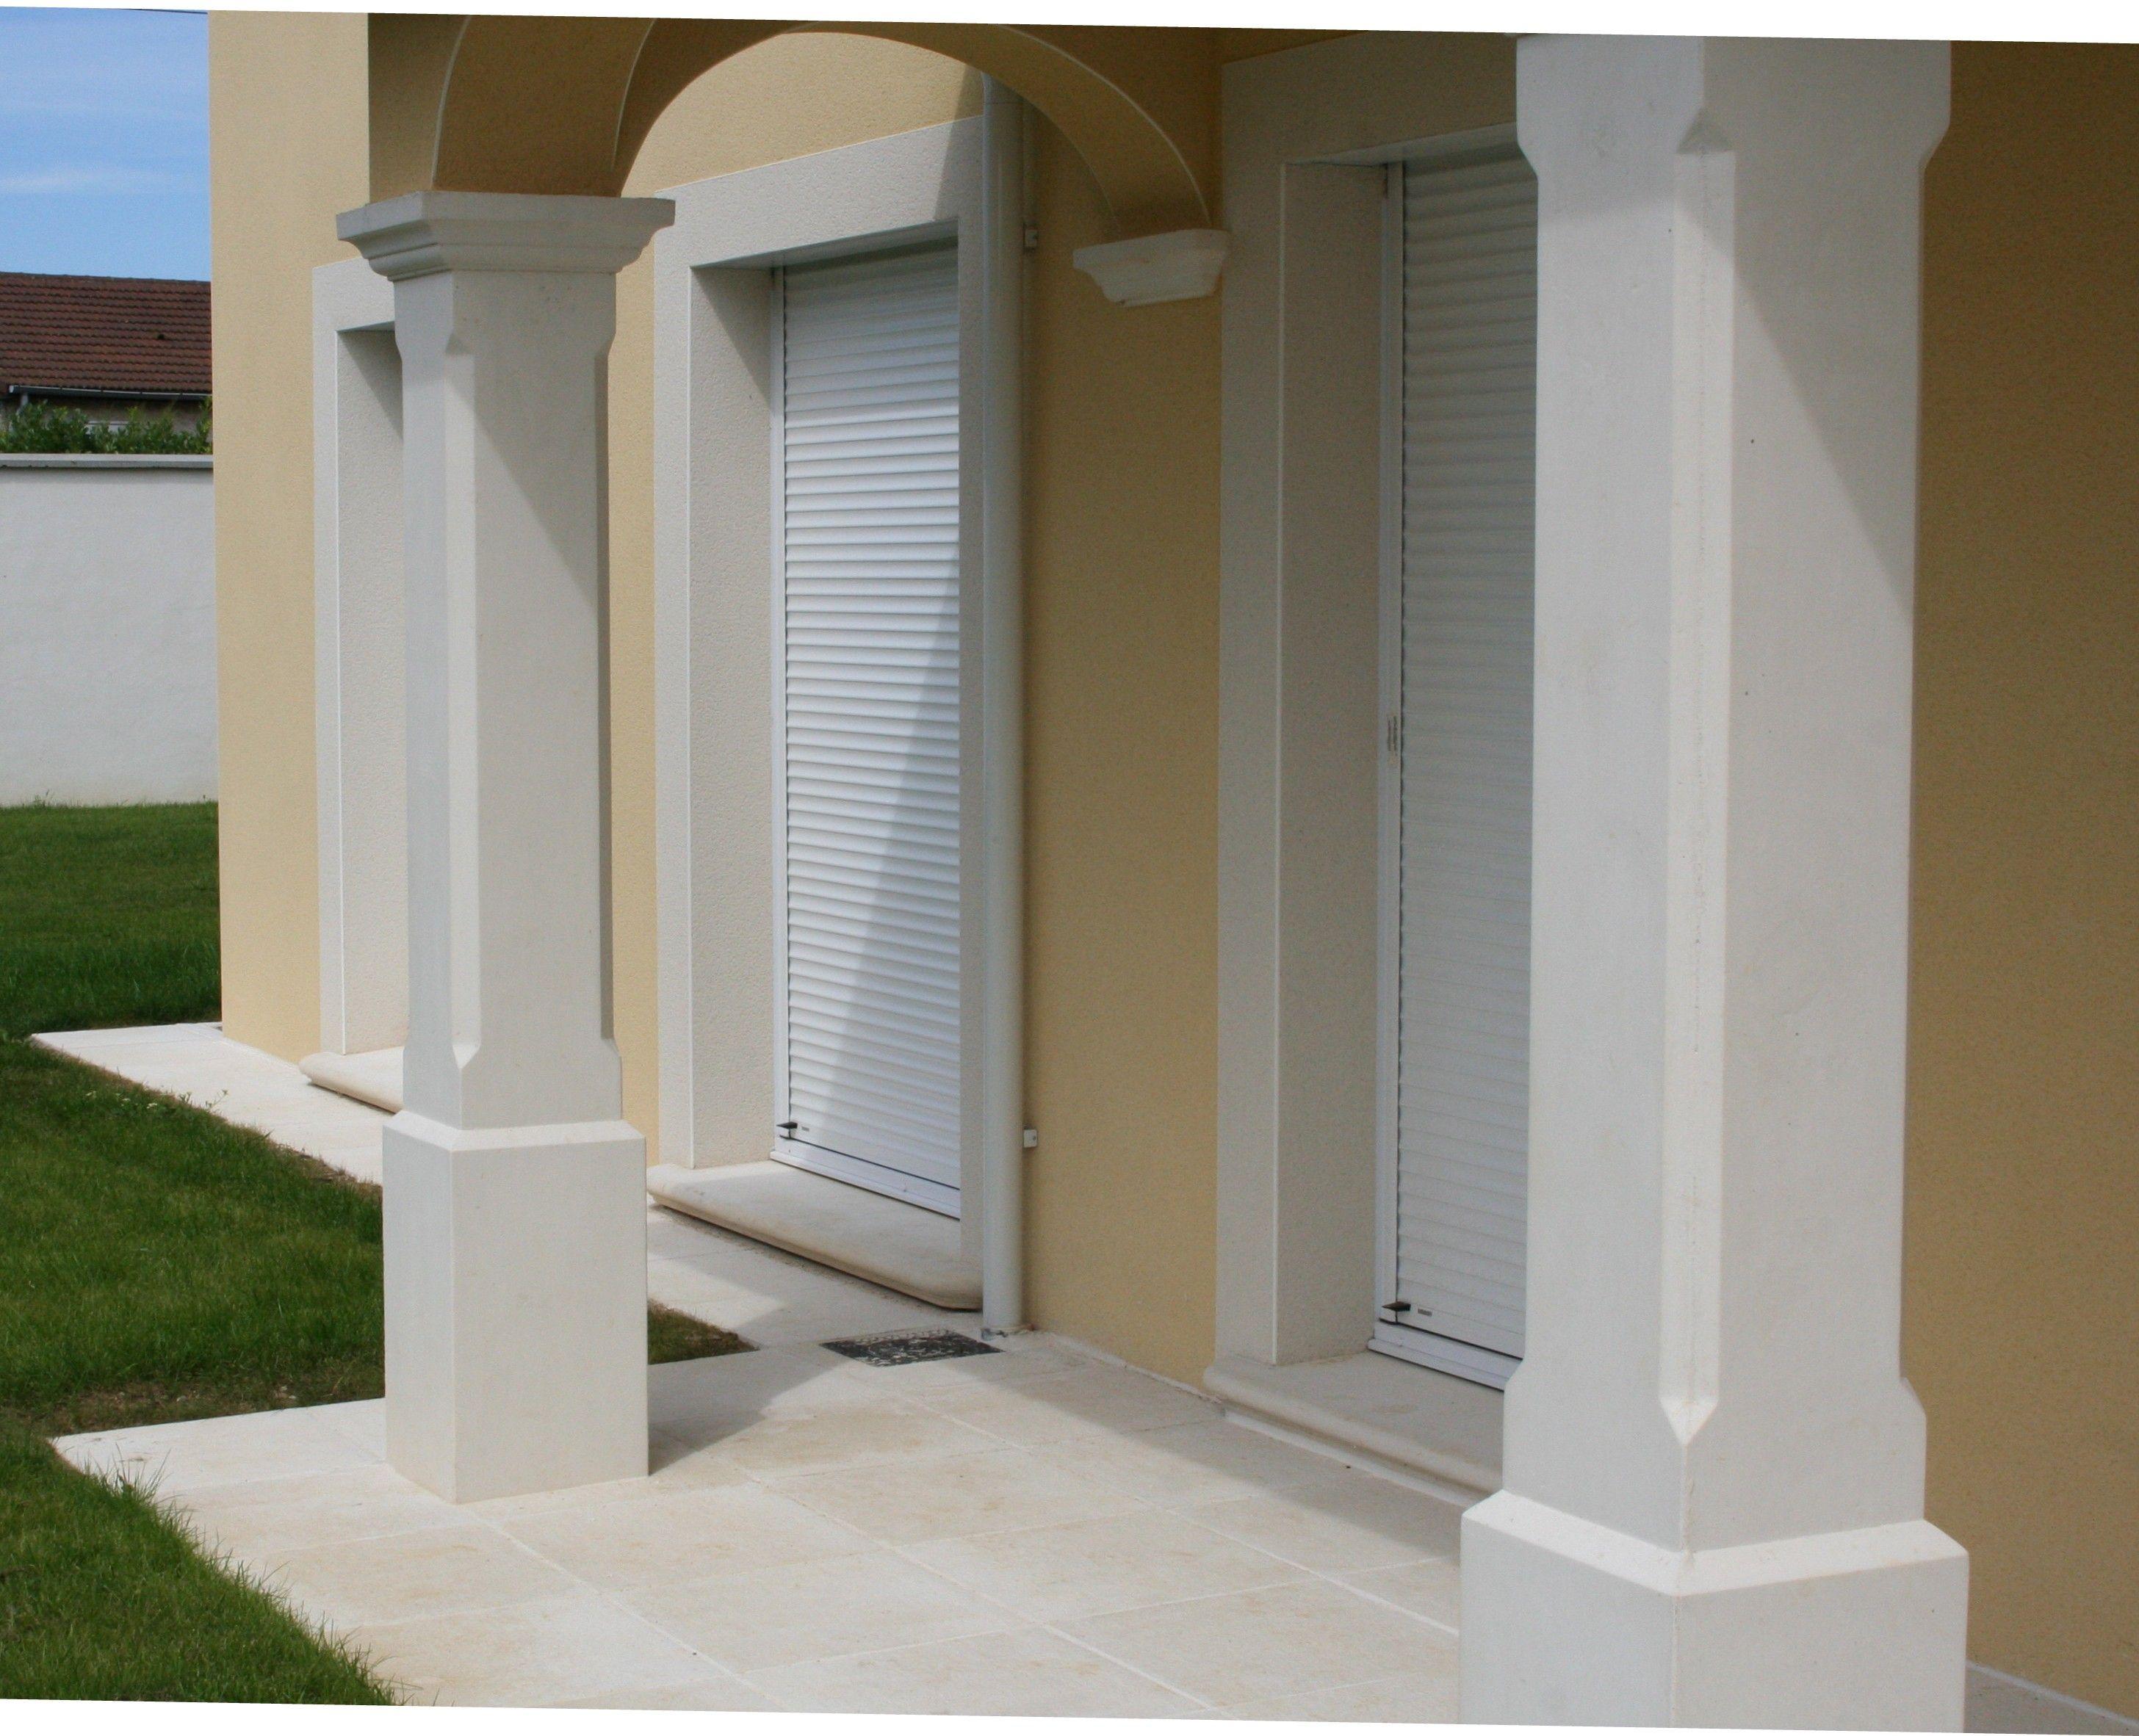 Habiller Un Pilier En Beton pilier de terrasse, pilier de loggia, poteau de soutènement